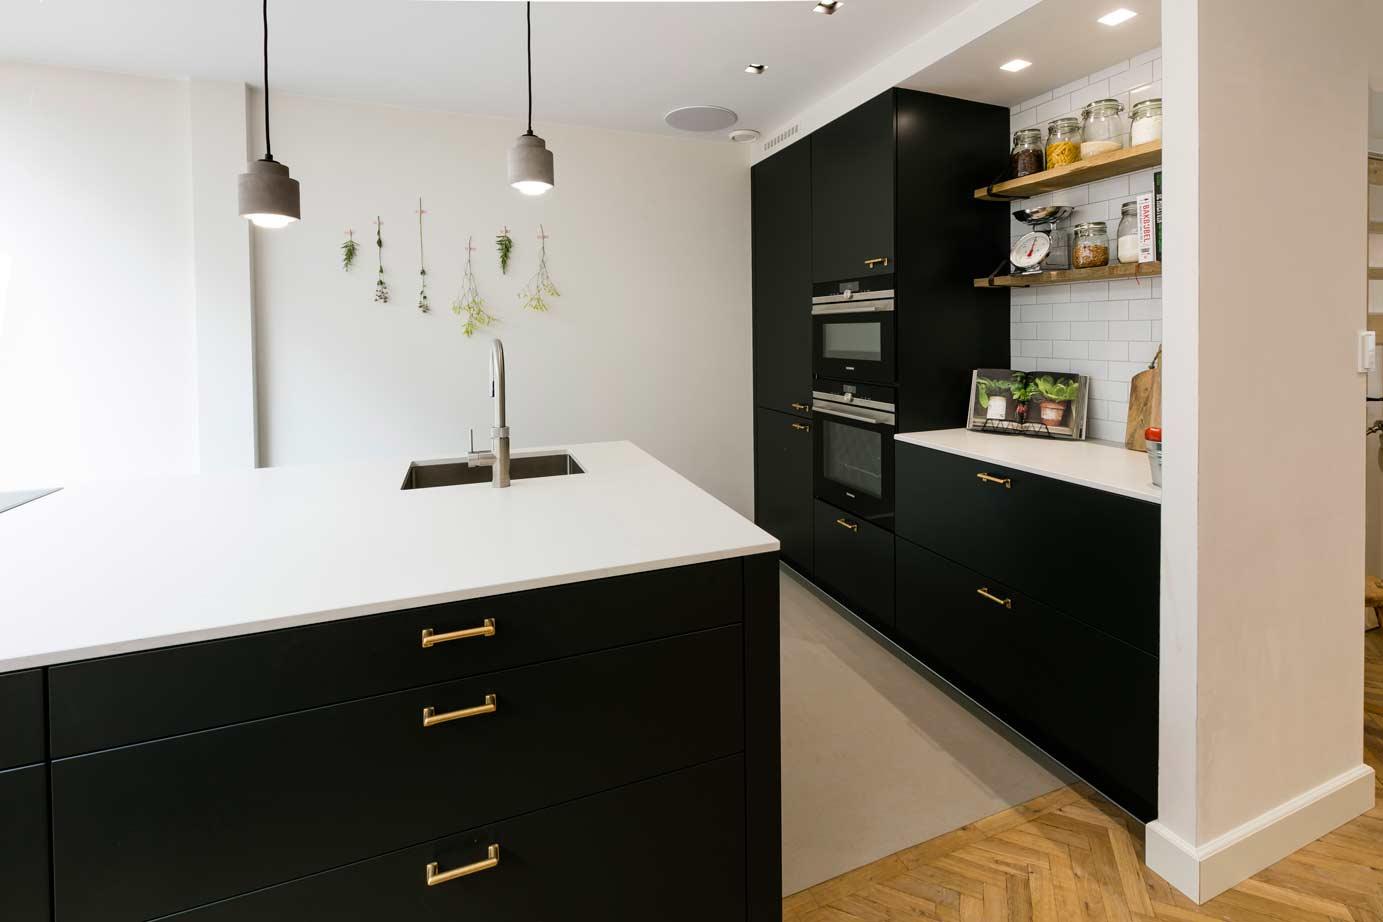 Modern Zwart Keuken : Een zwarte moderne keuken kopen in heemstede db keukens